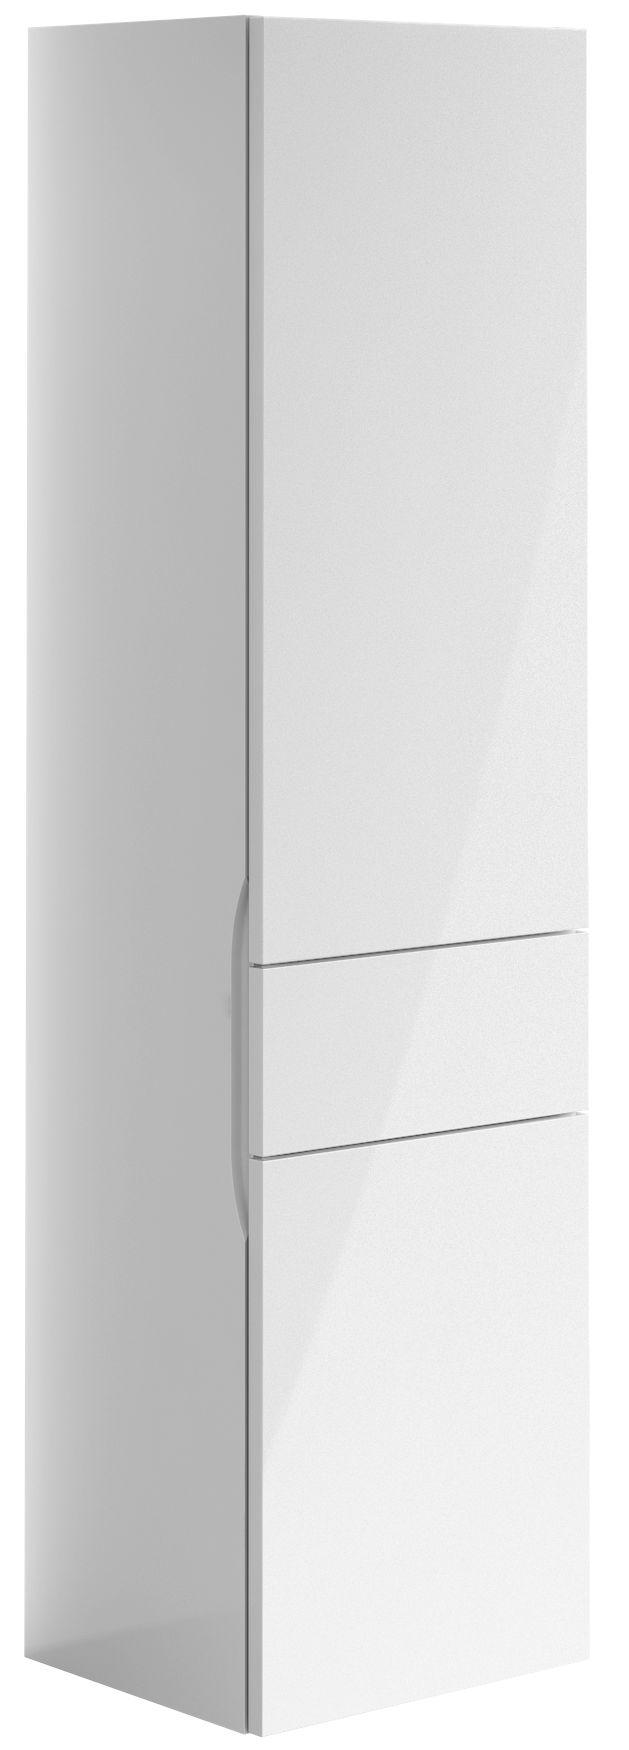 400 x 1530 x 350 mm Aveo new generation Мебель для ванной, кабинет, Шкафы для ванной